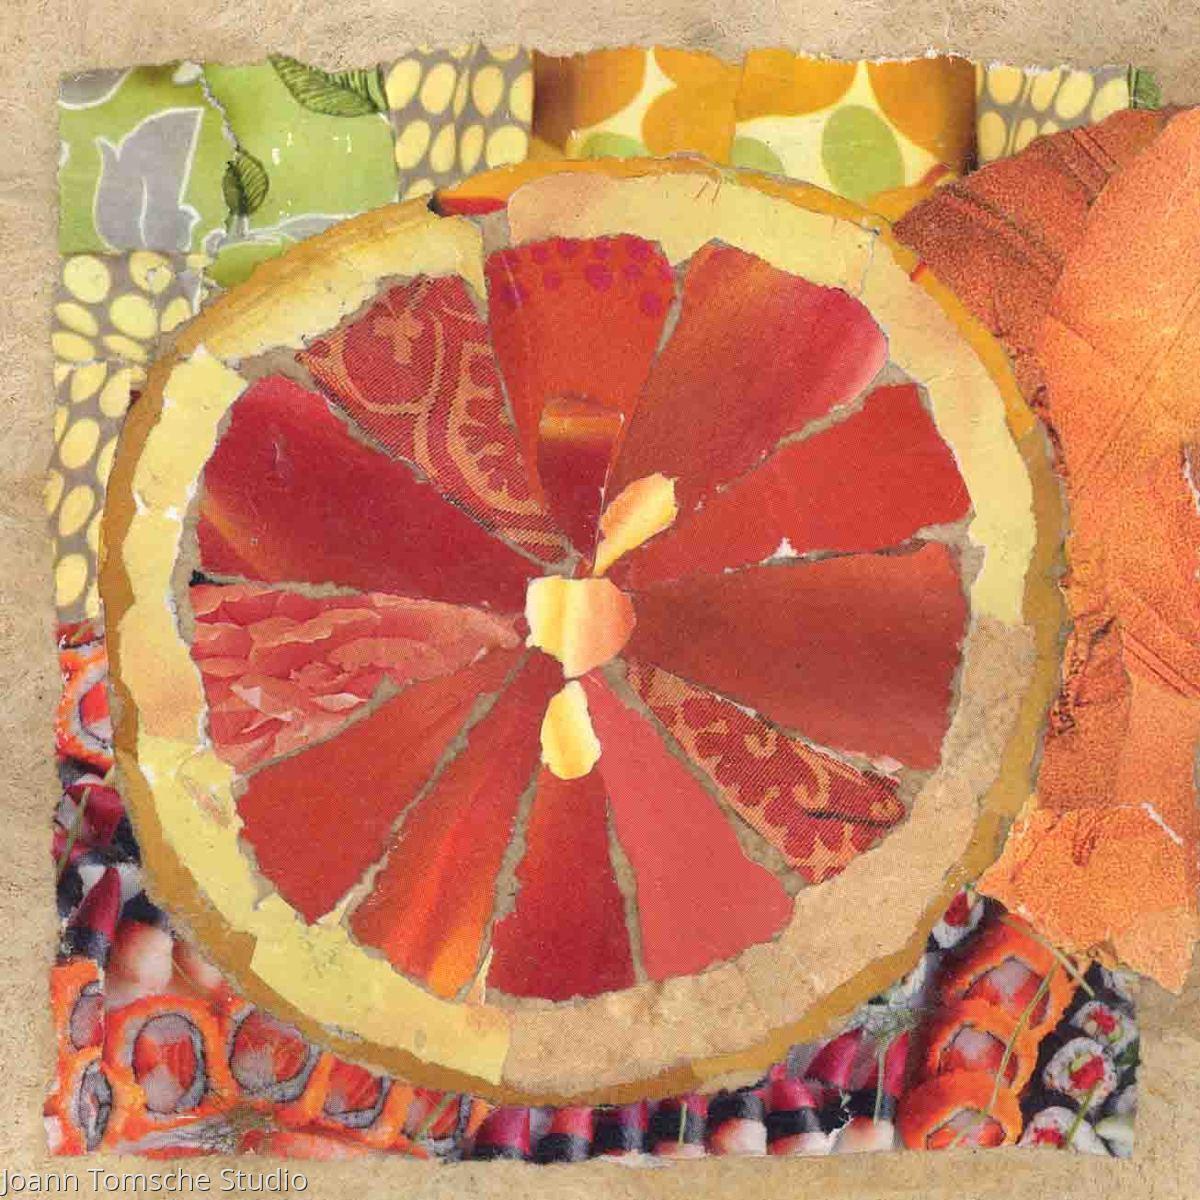 Sushi Fruit art tile (large view)